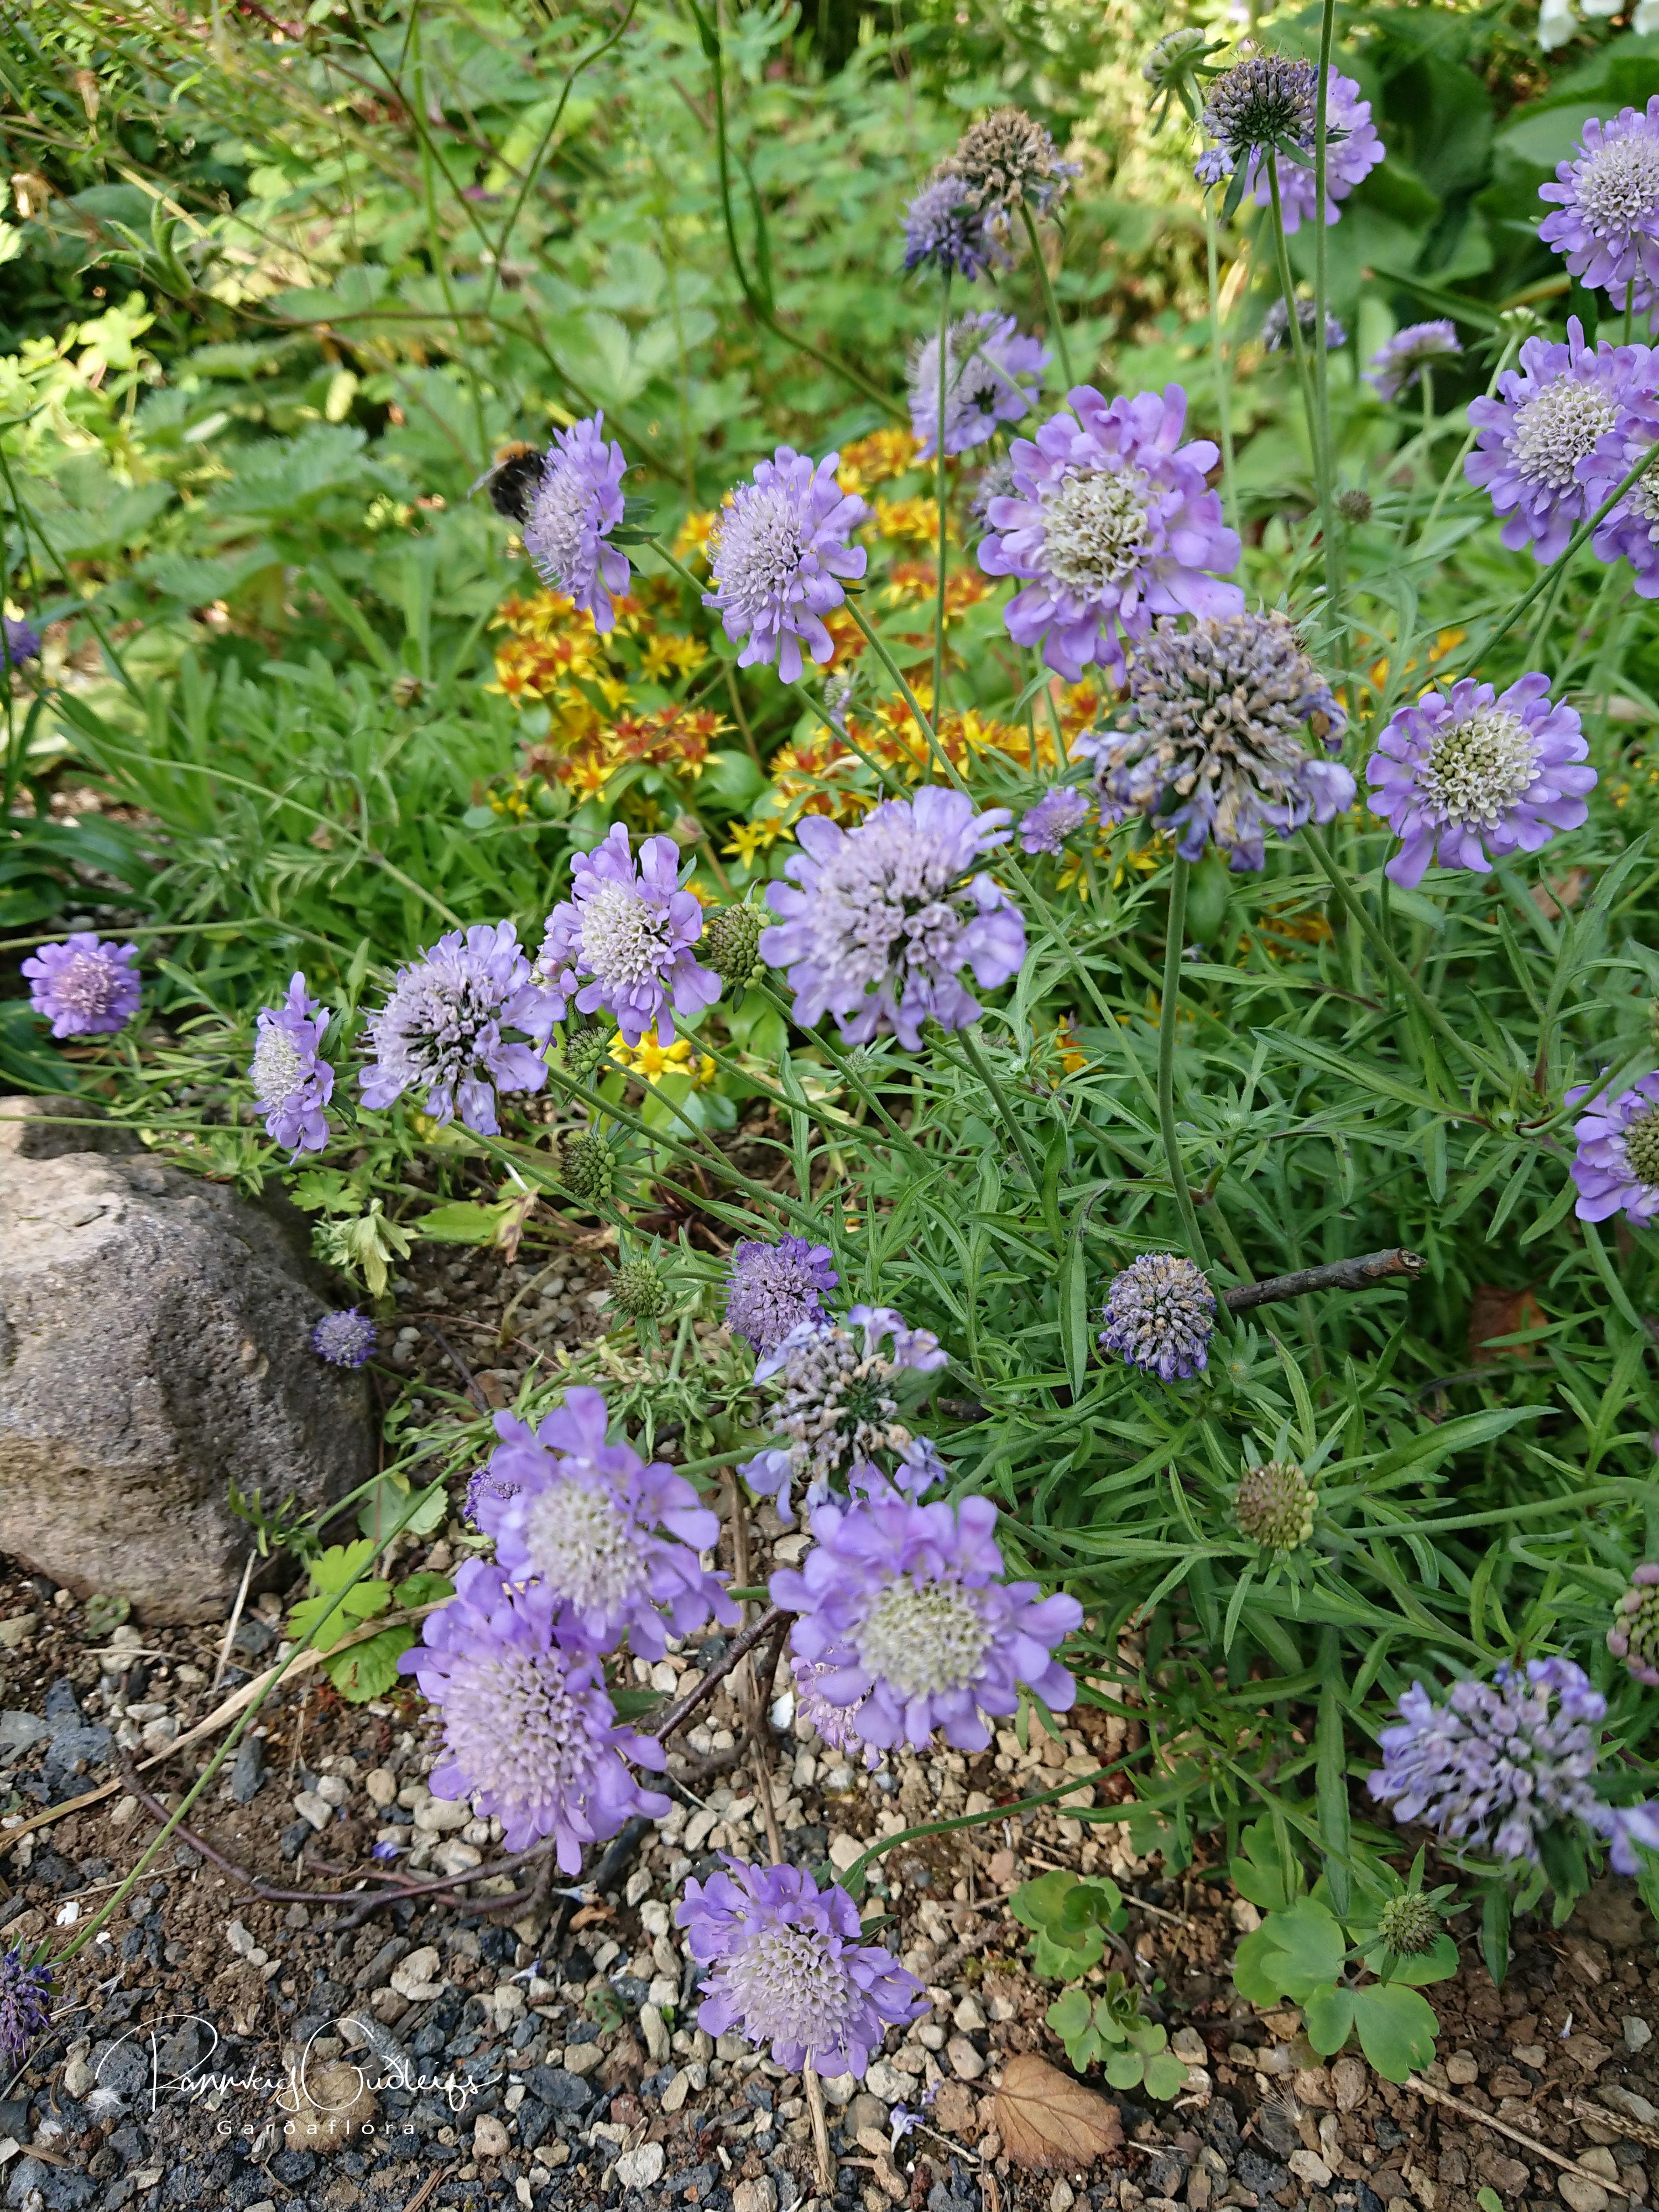 Scabiosa japonica var. alpina